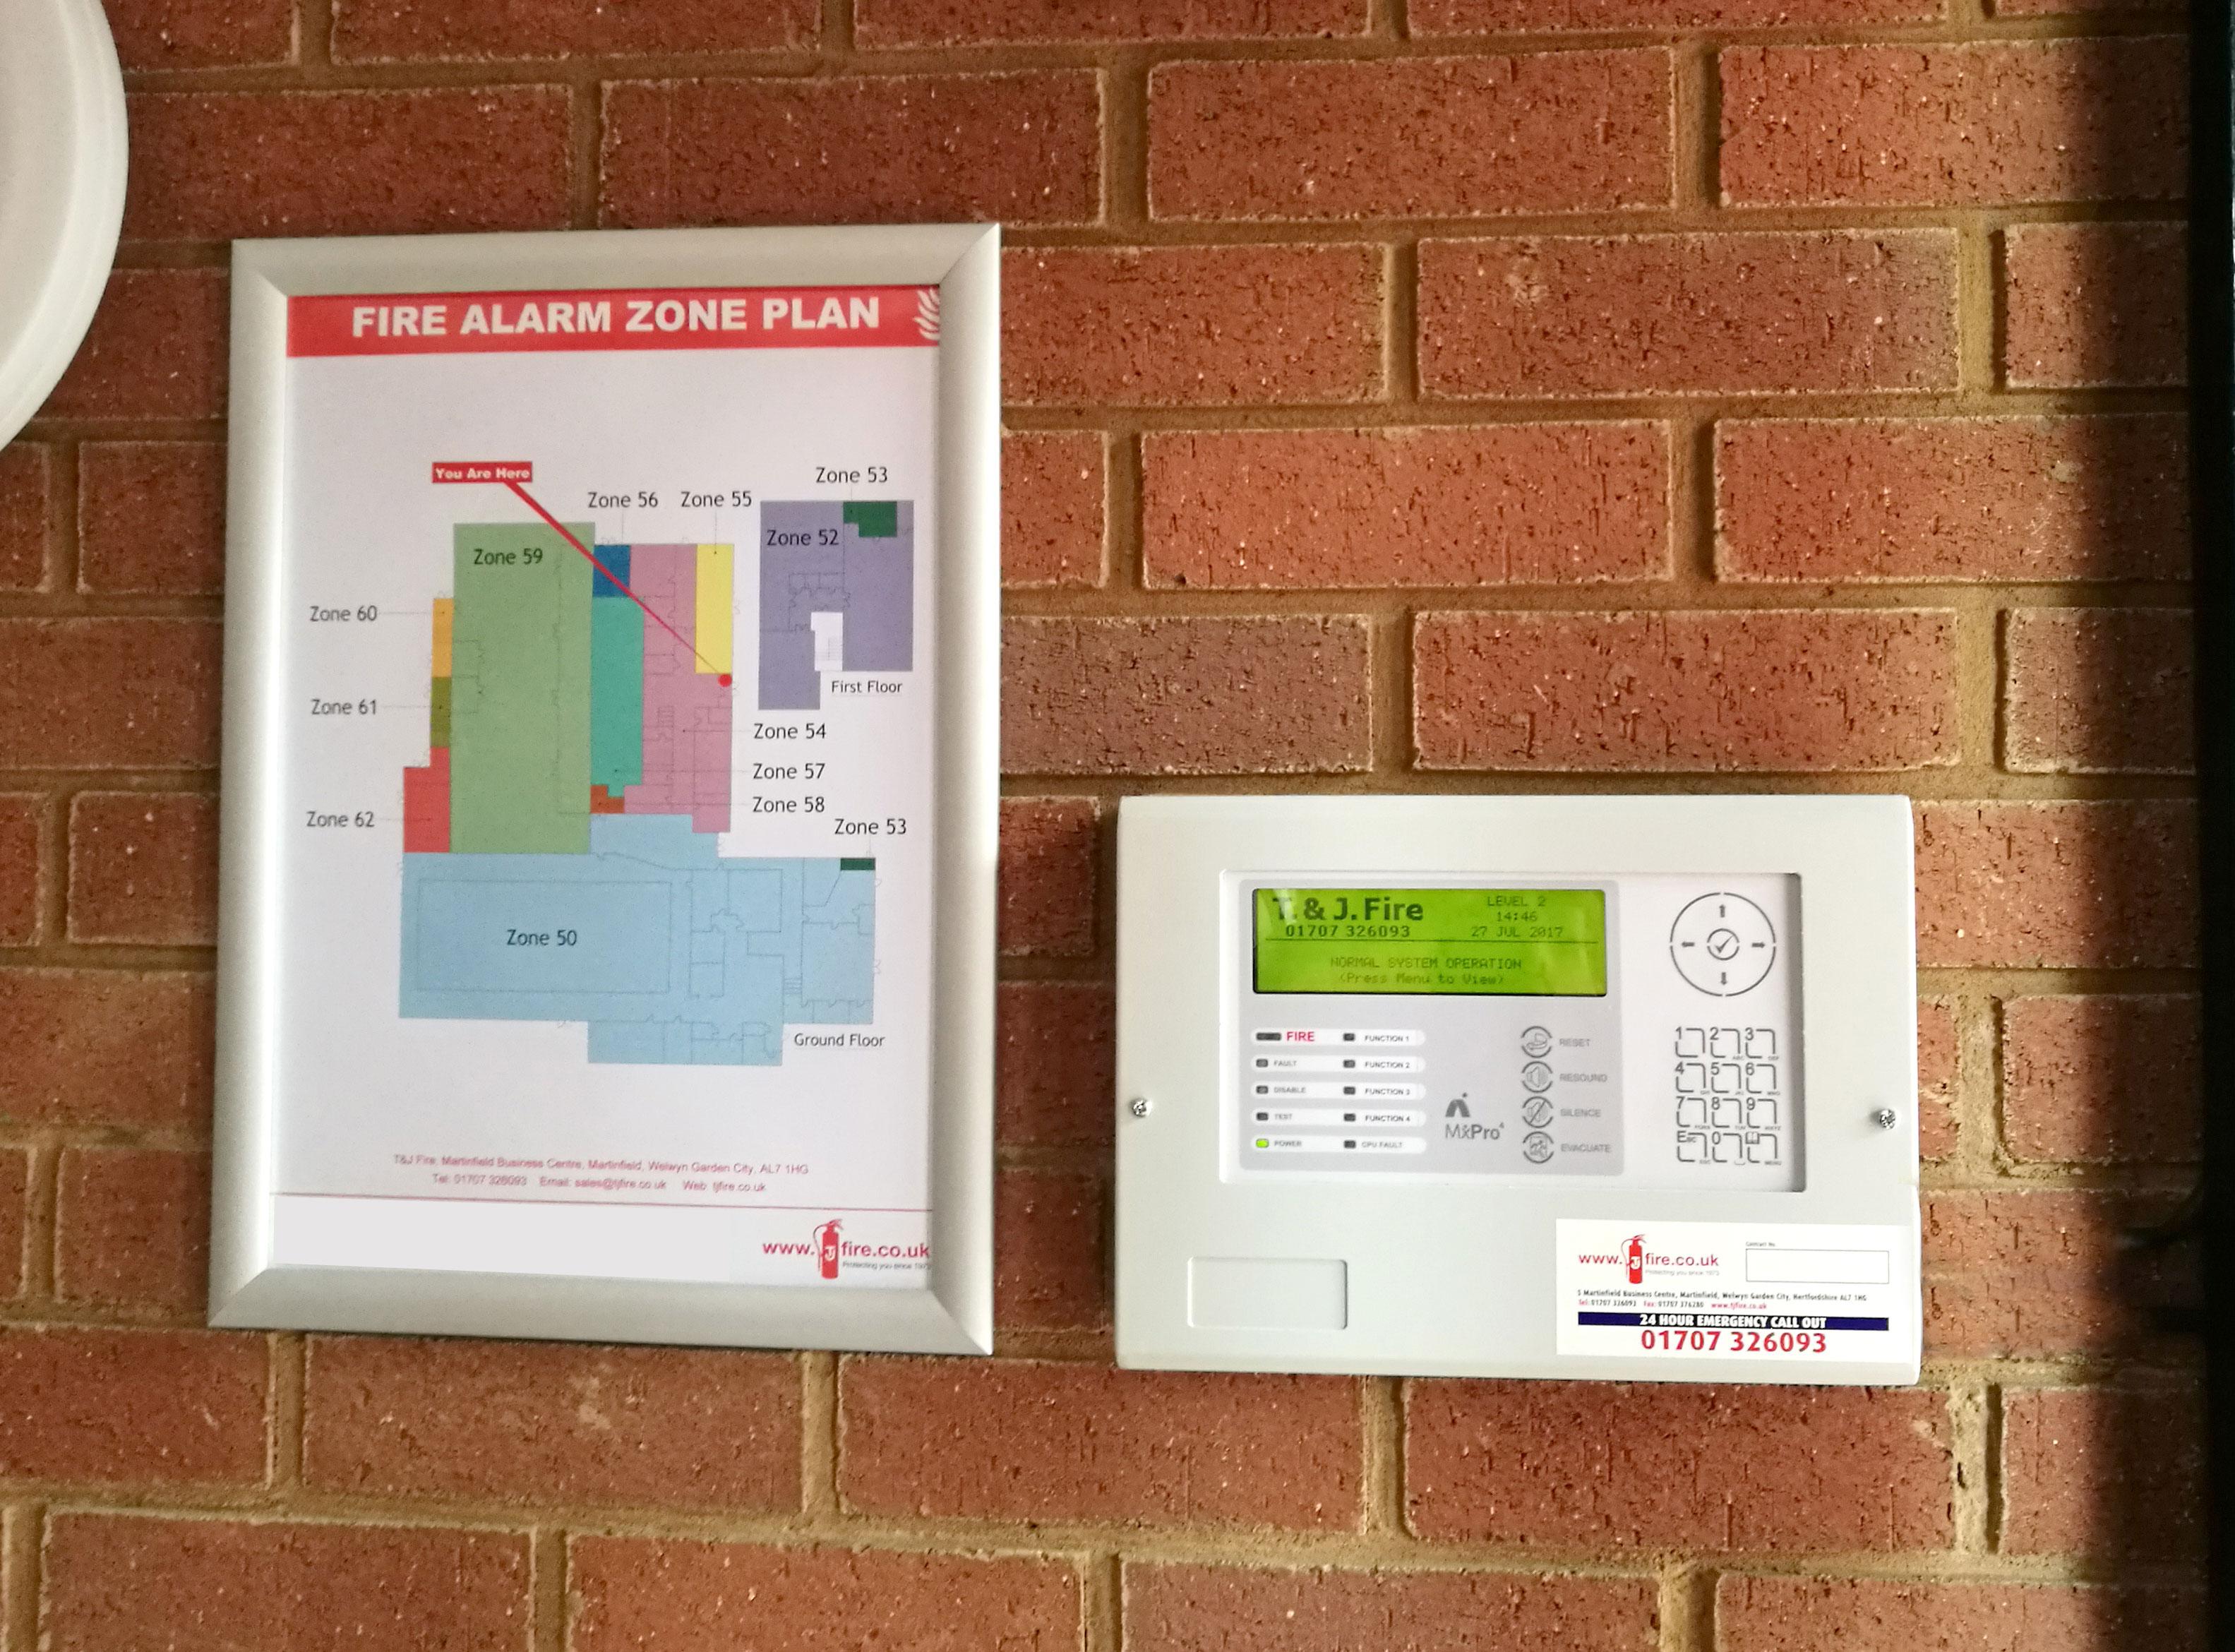 Alarm Zone Plan